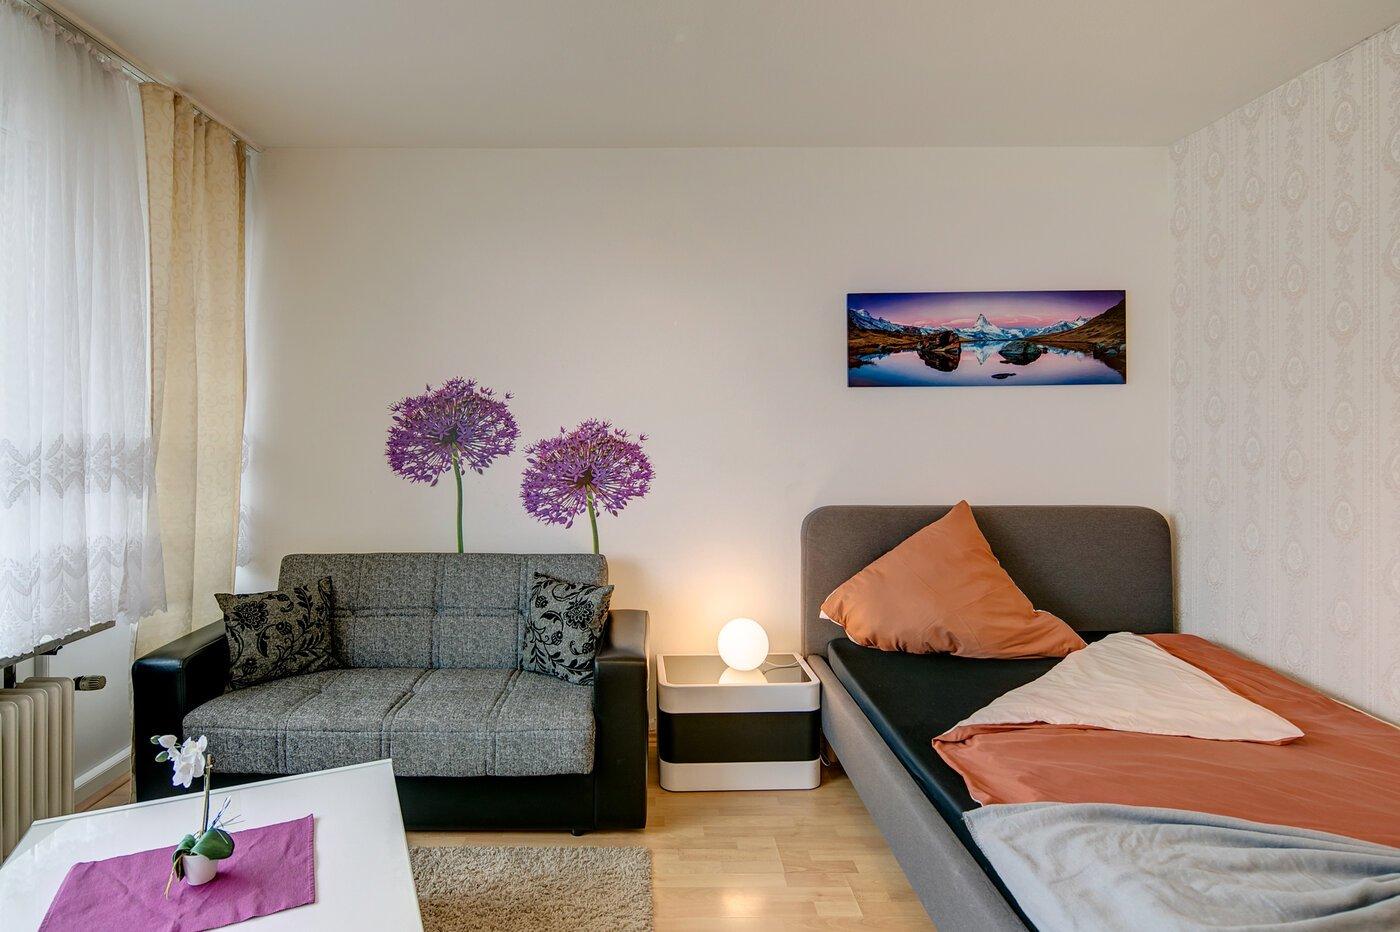 1 zimmer wohnung m bliert gro er flachbildfernseher m nchen pasing 7789. Black Bedroom Furniture Sets. Home Design Ideas